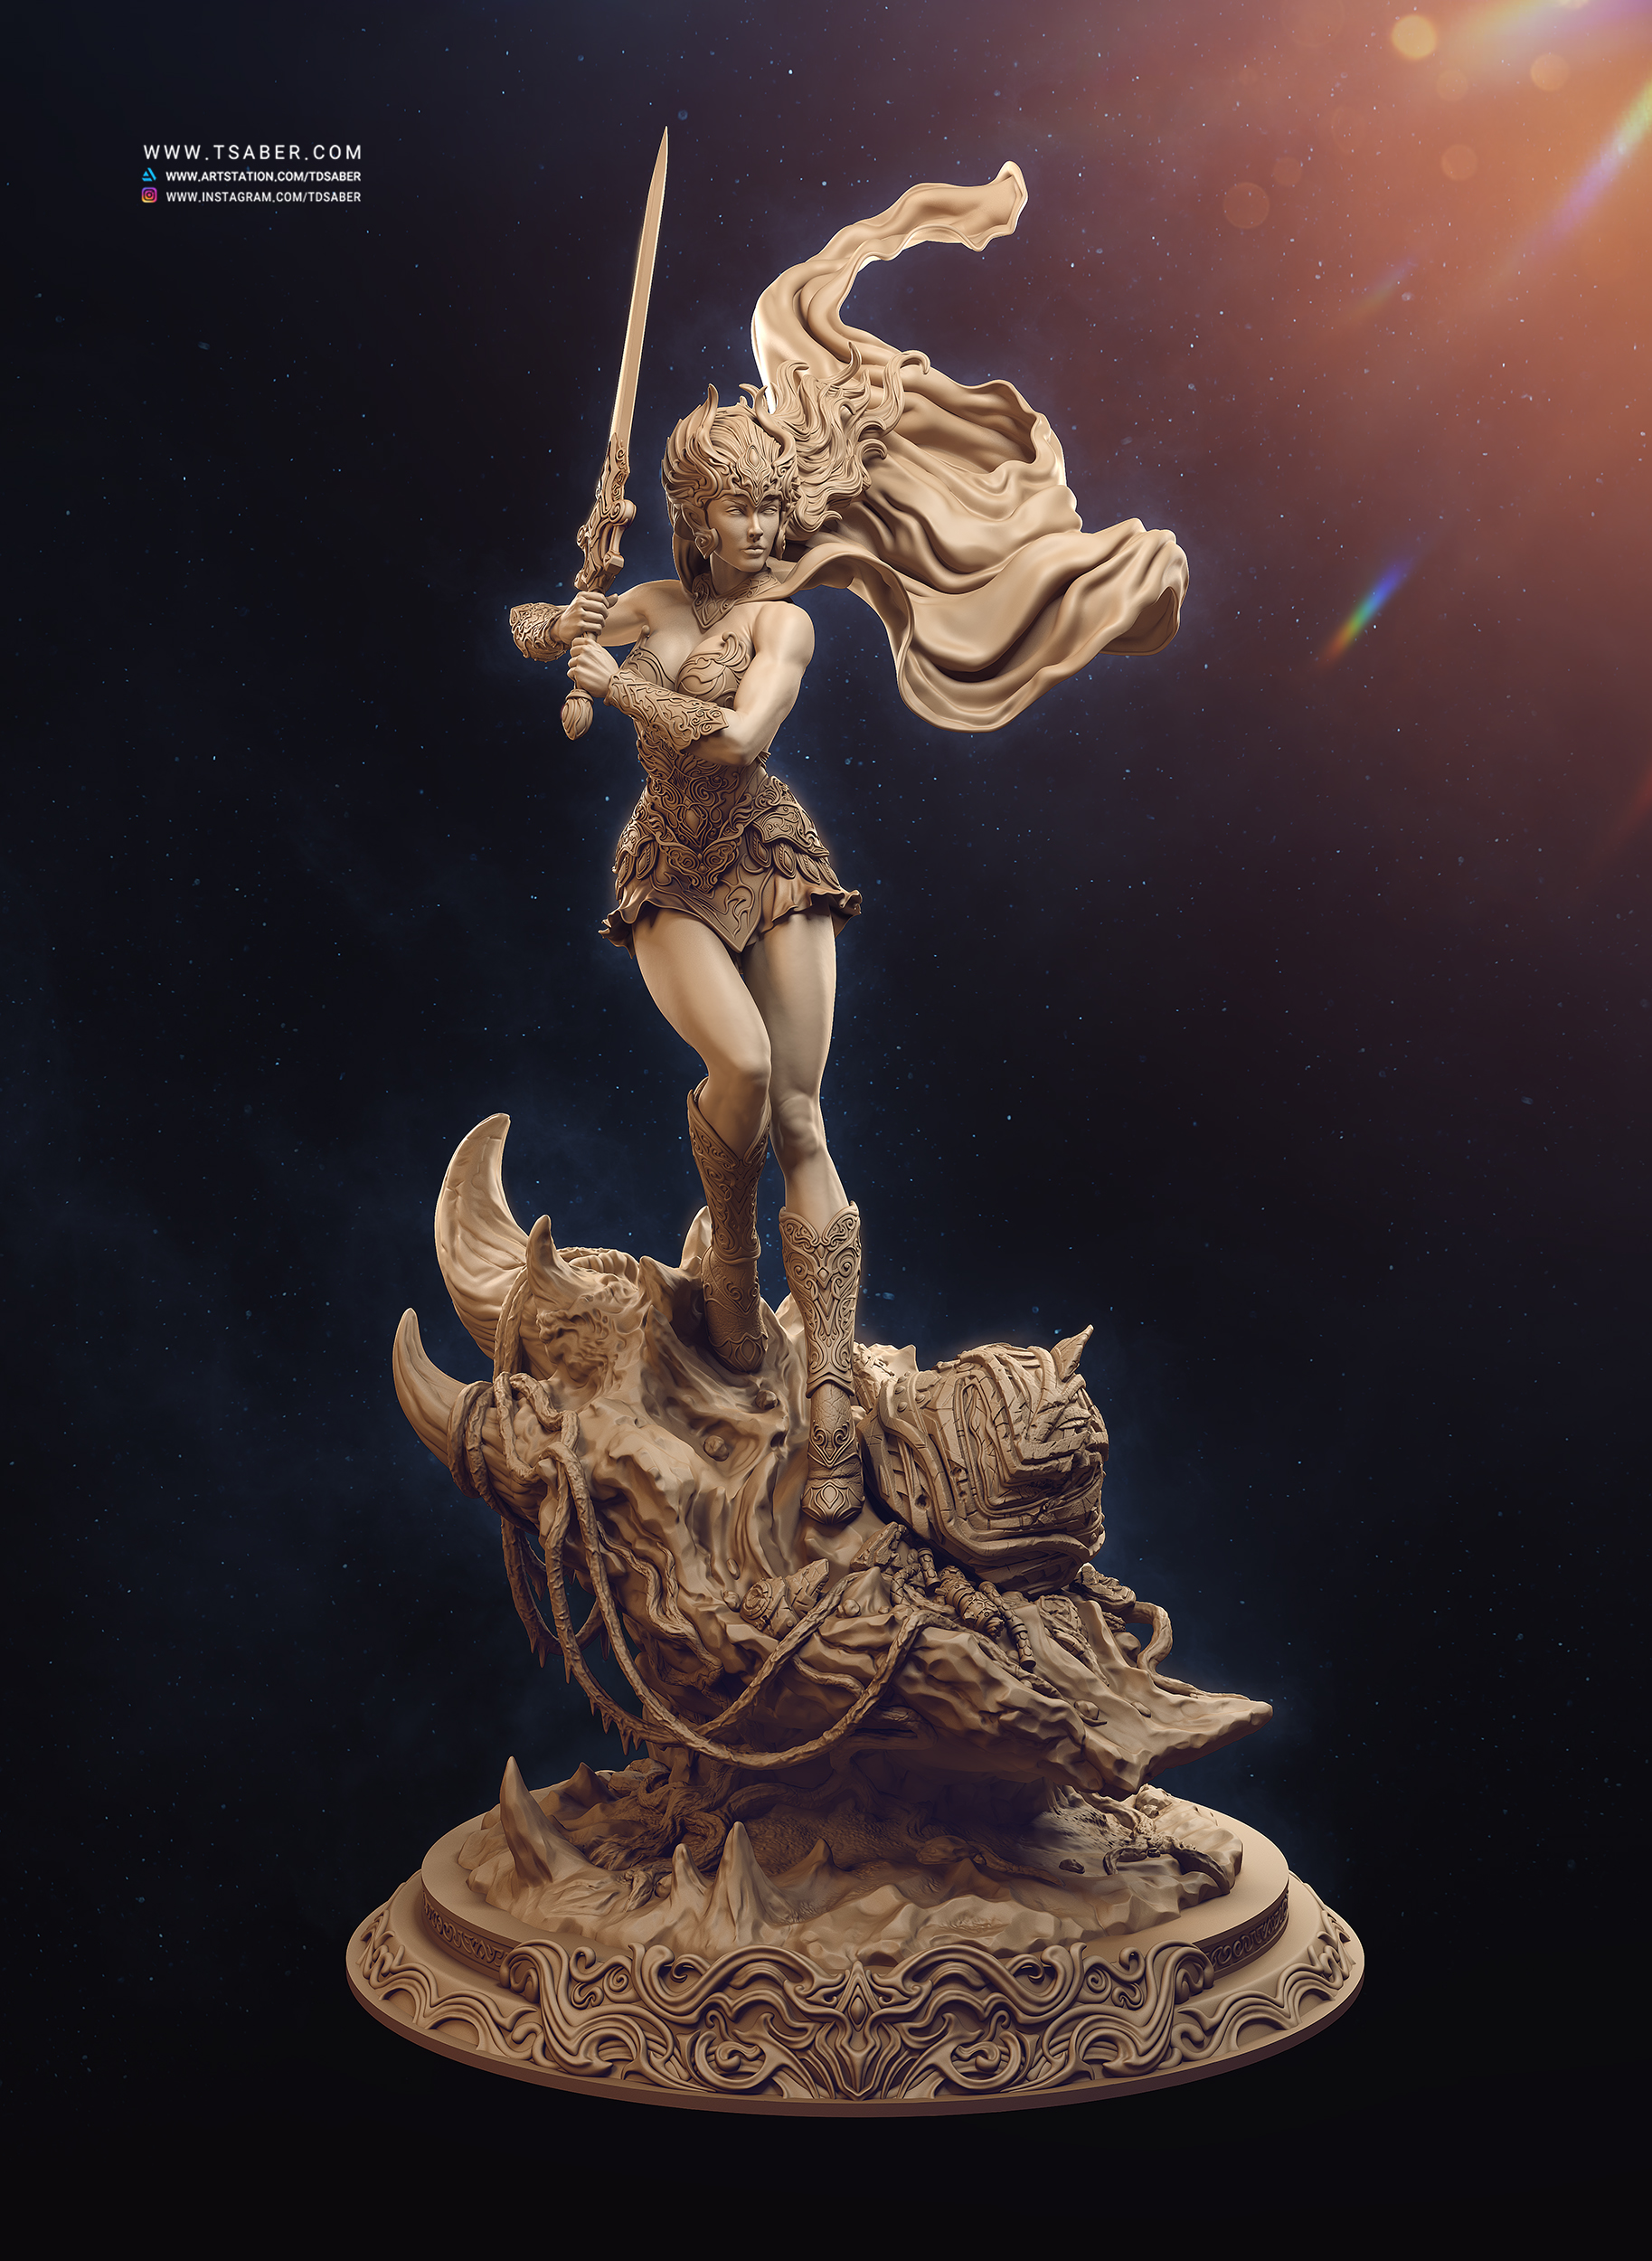 Shera Statue - Masters of The Universe - Tsaber